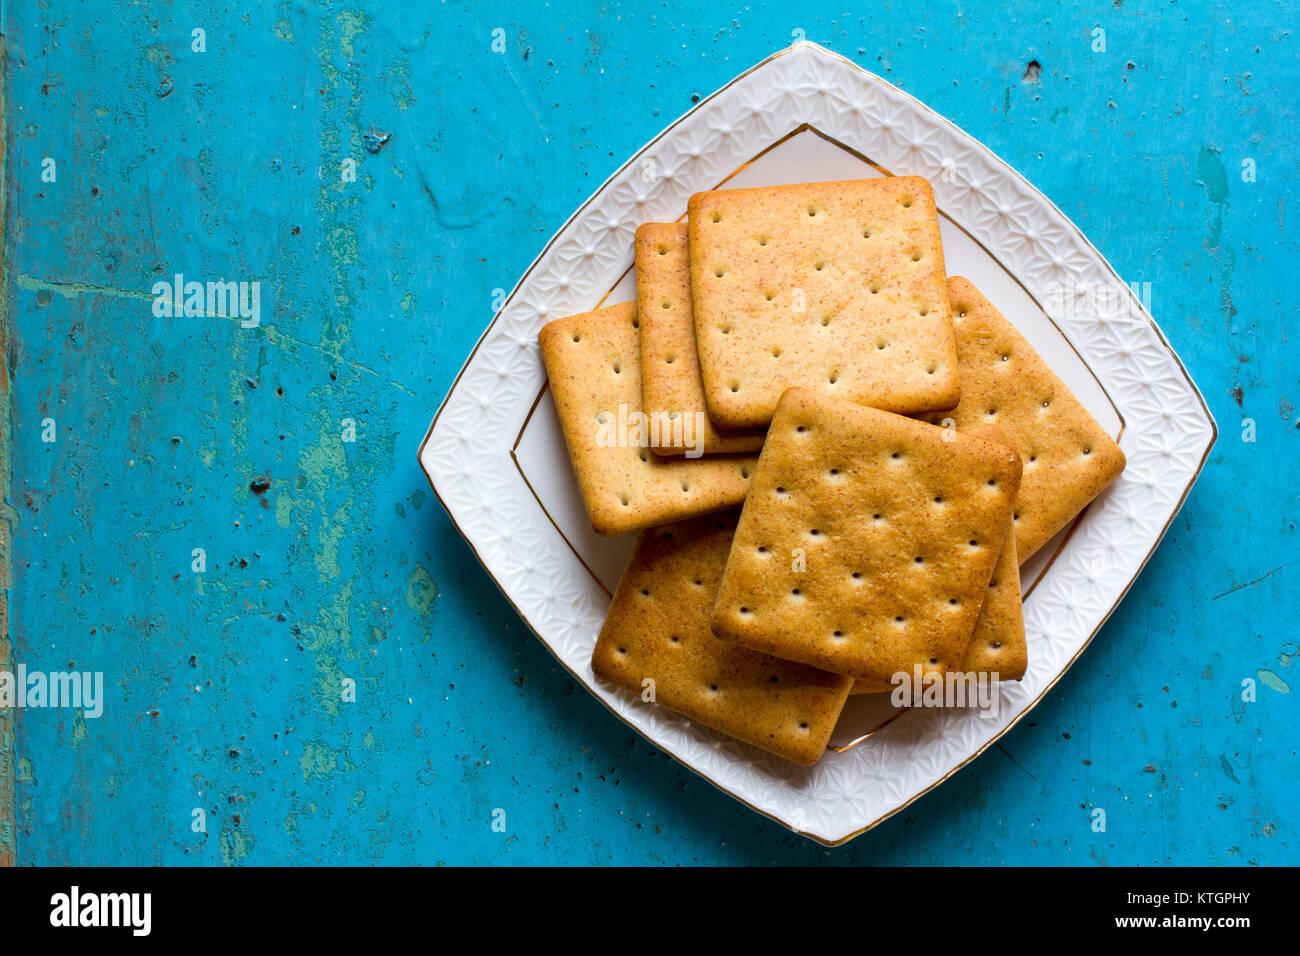 Biscuits Craquelins dans une soucoupe carrée en céramique blanche sur fond bleu vieux de près. Espace Photo Stock